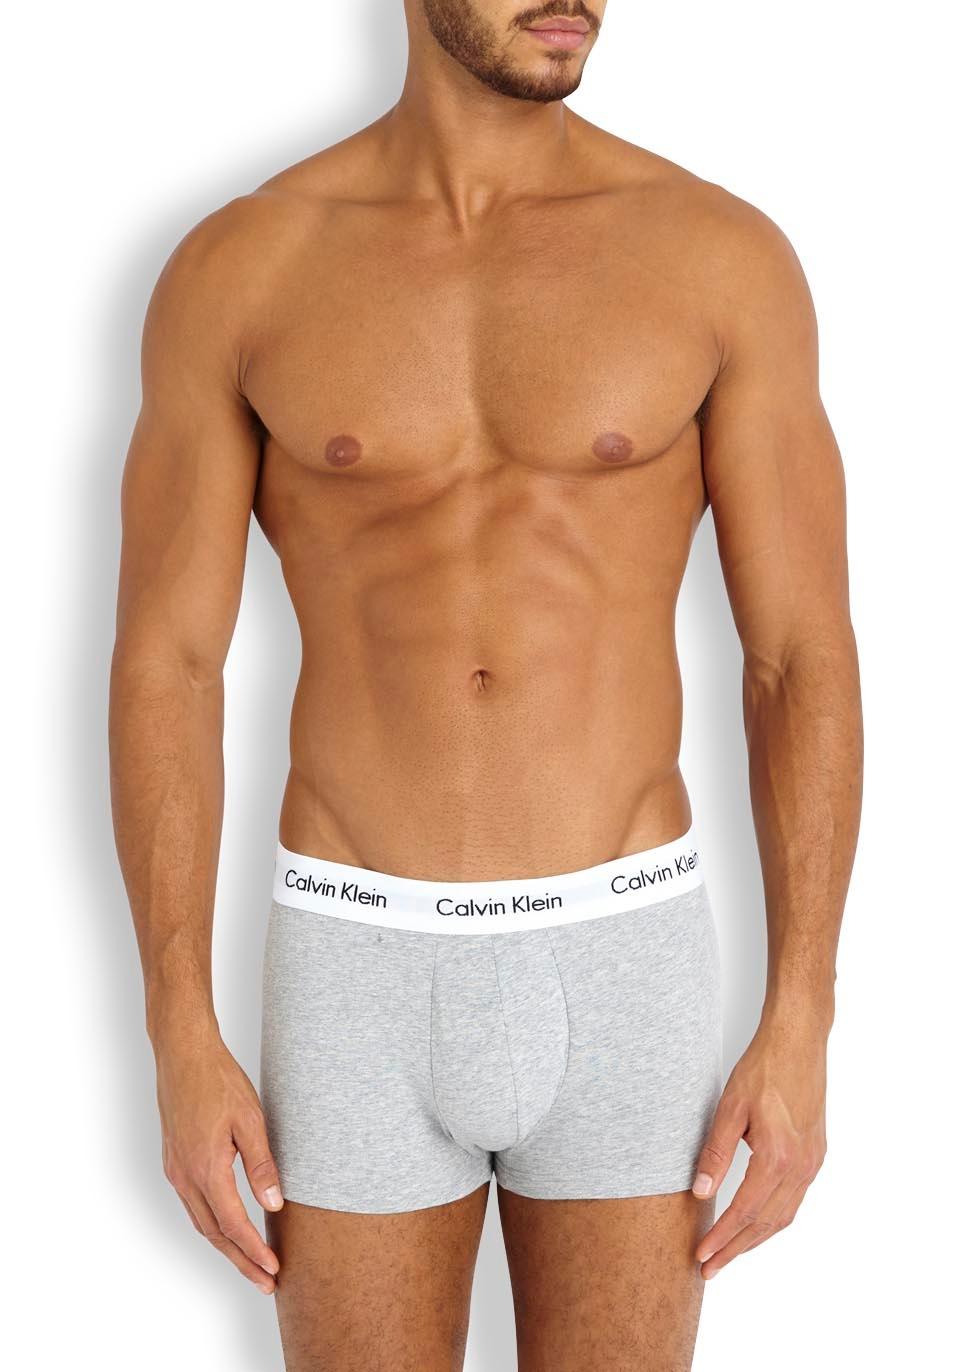 Stretch cotton boxer briefs - set of three - Calvin Klein